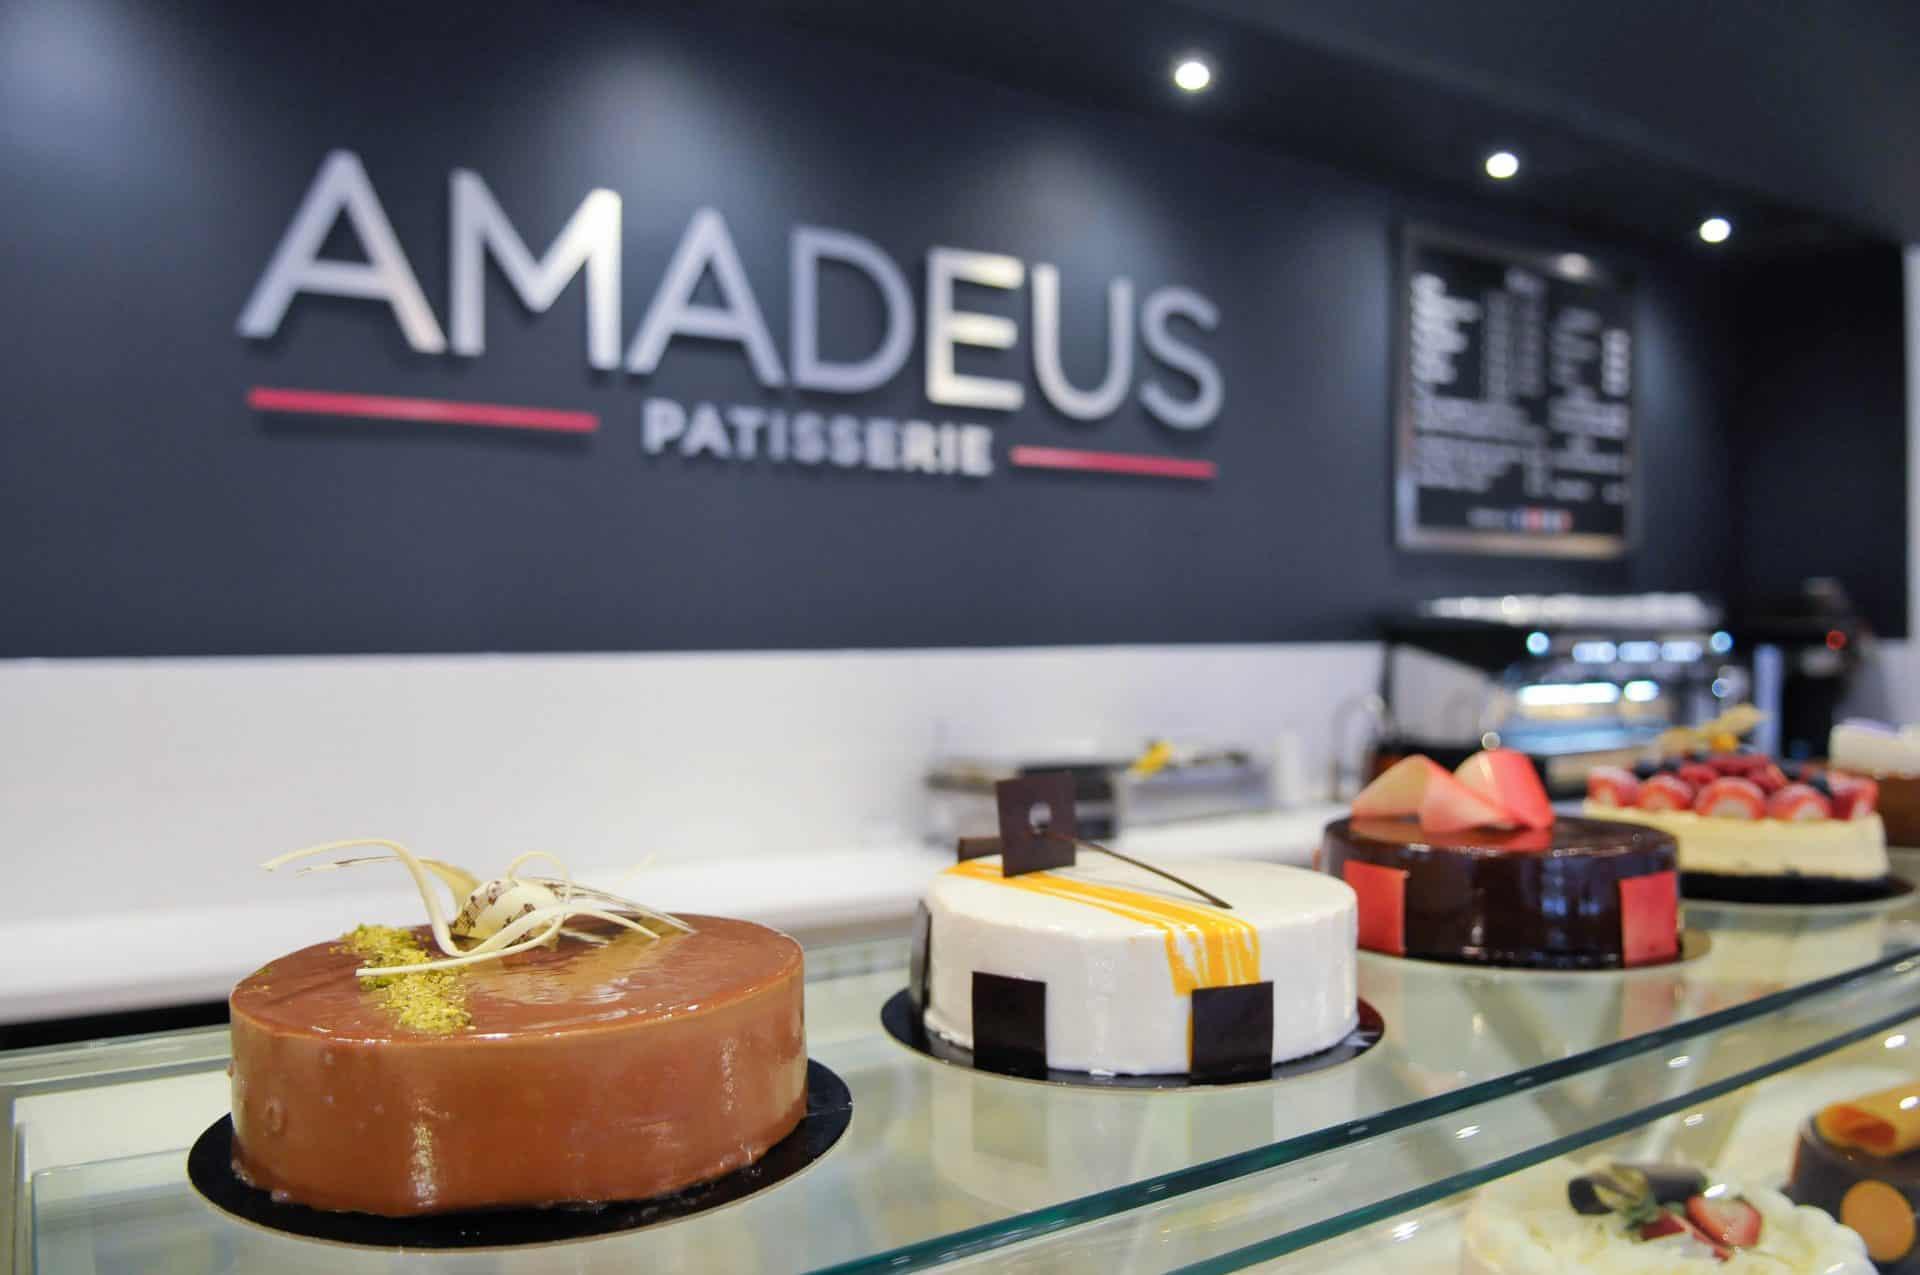 amadeus-bakery-richteamedia360